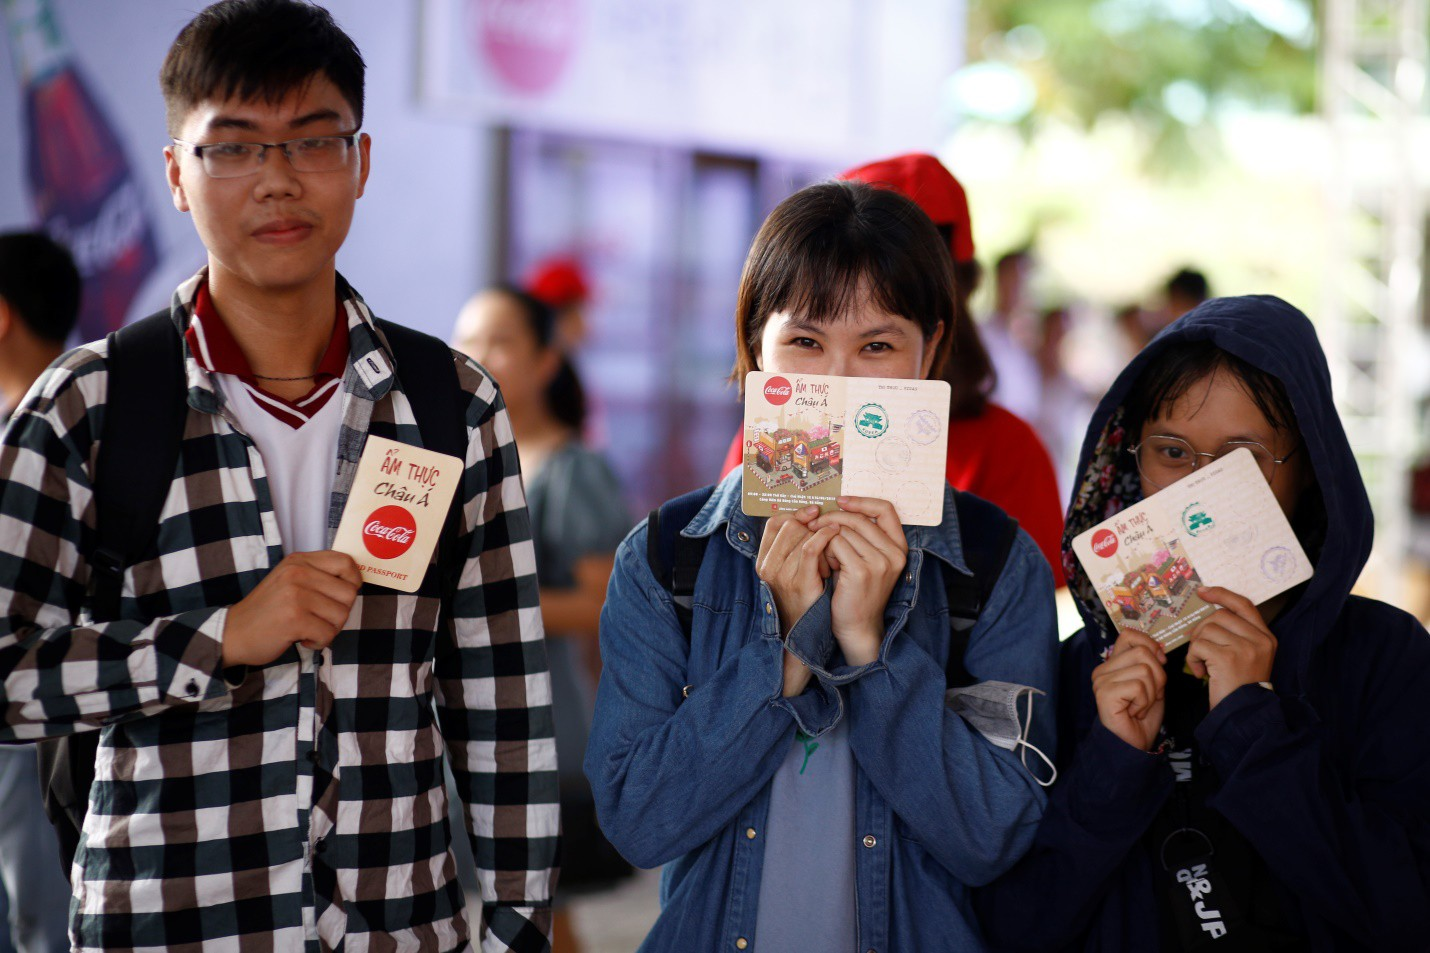 Hàng trăm tín đồ ẩm thực Việt thỏa mãn hết nấc vì được đắm mình trong thiên đường của ngon vật lạ! - Ảnh 6.